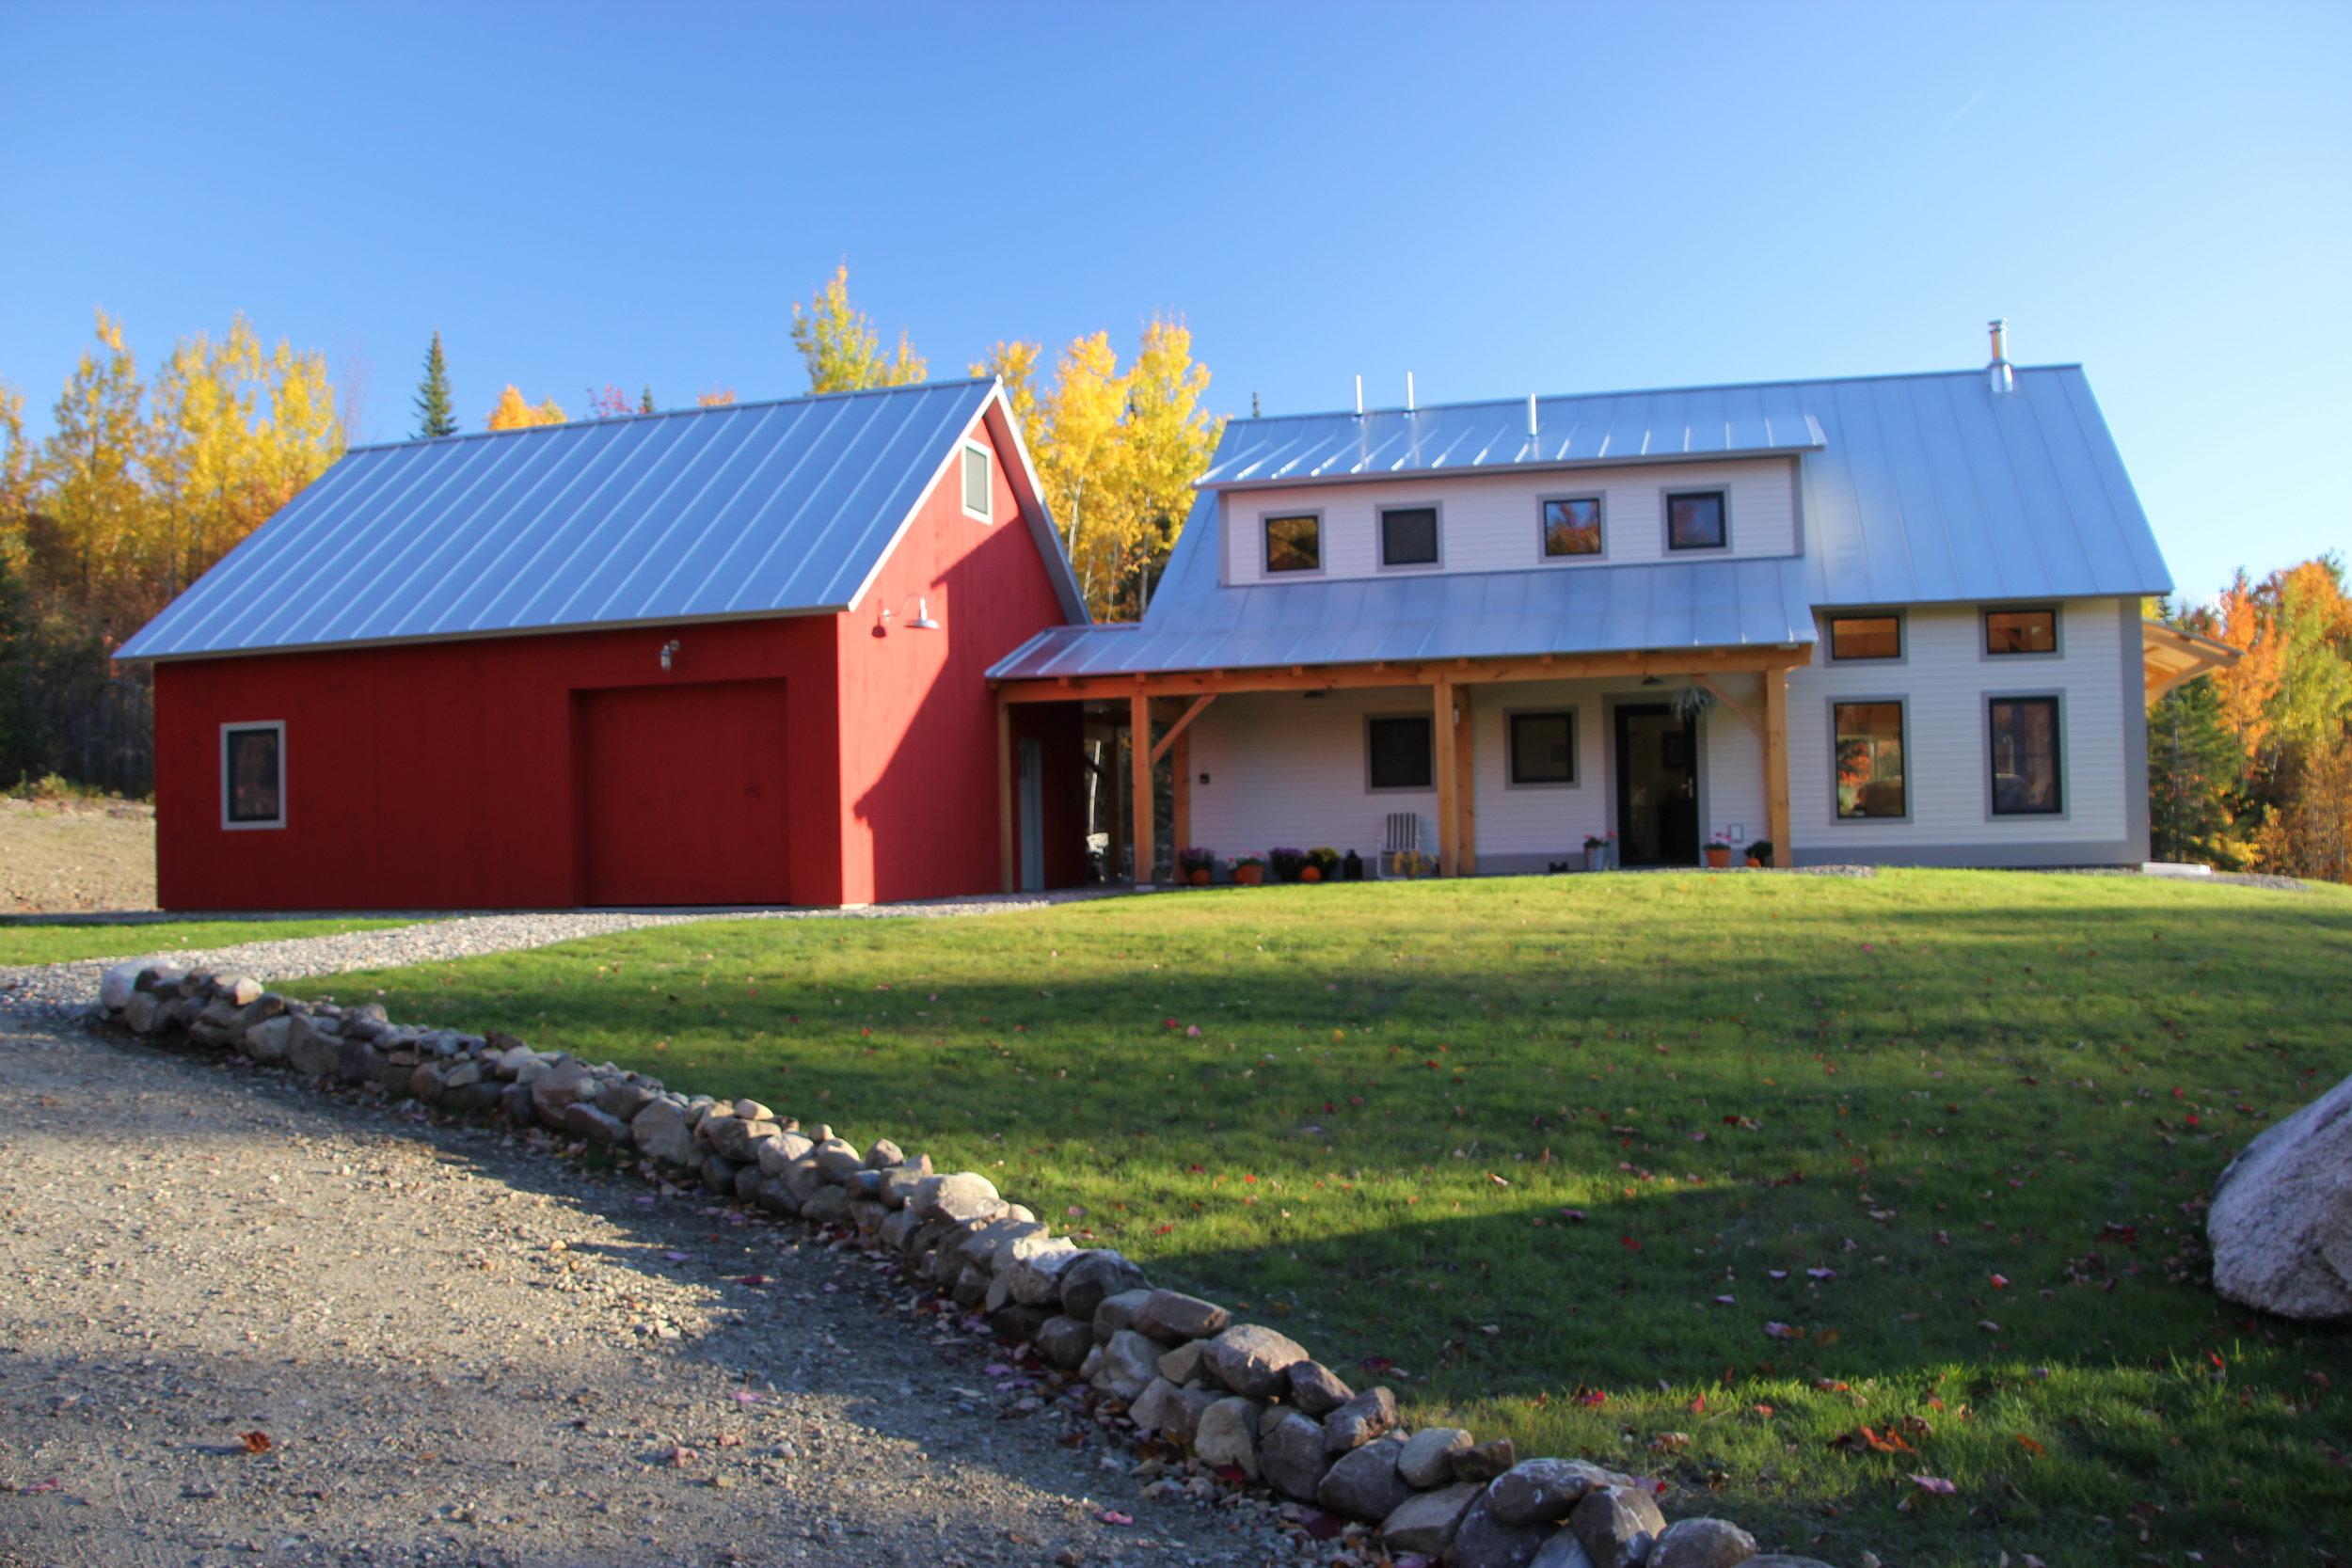 2015-10-15 Szauter Residence 3.JPG